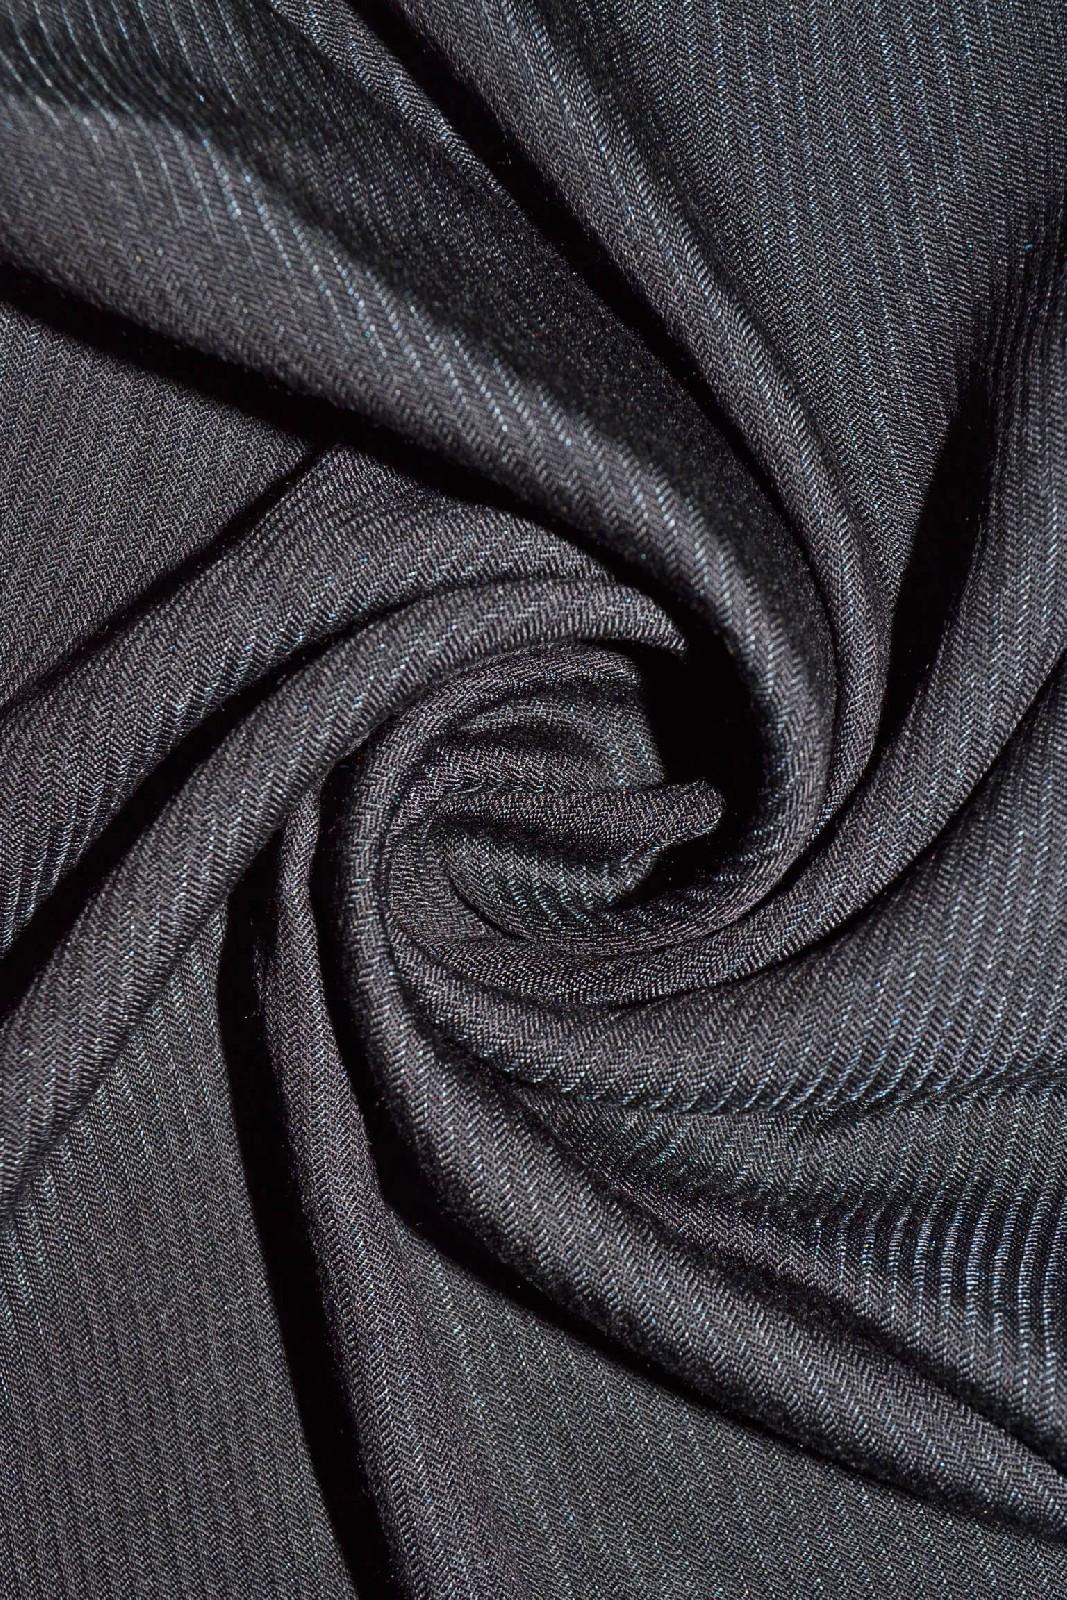 Штапель с шелком как купить ткань в хабаровске